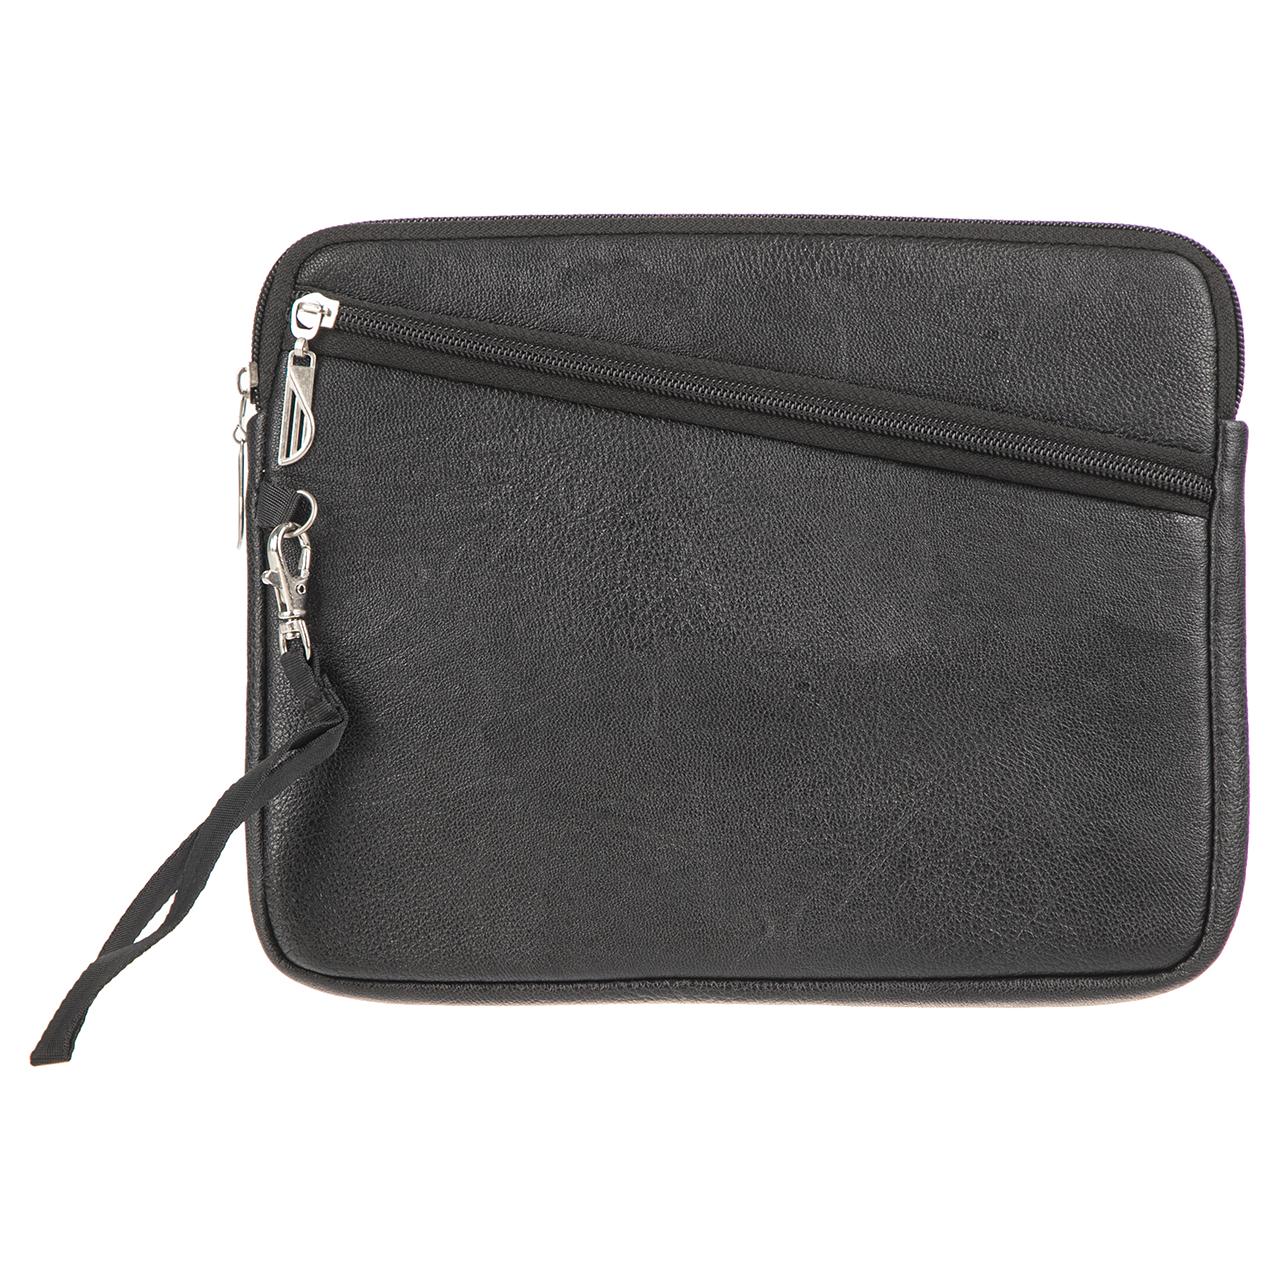 کیف تبلت مناسب برای تبلت 7 اینچ قابل حمل